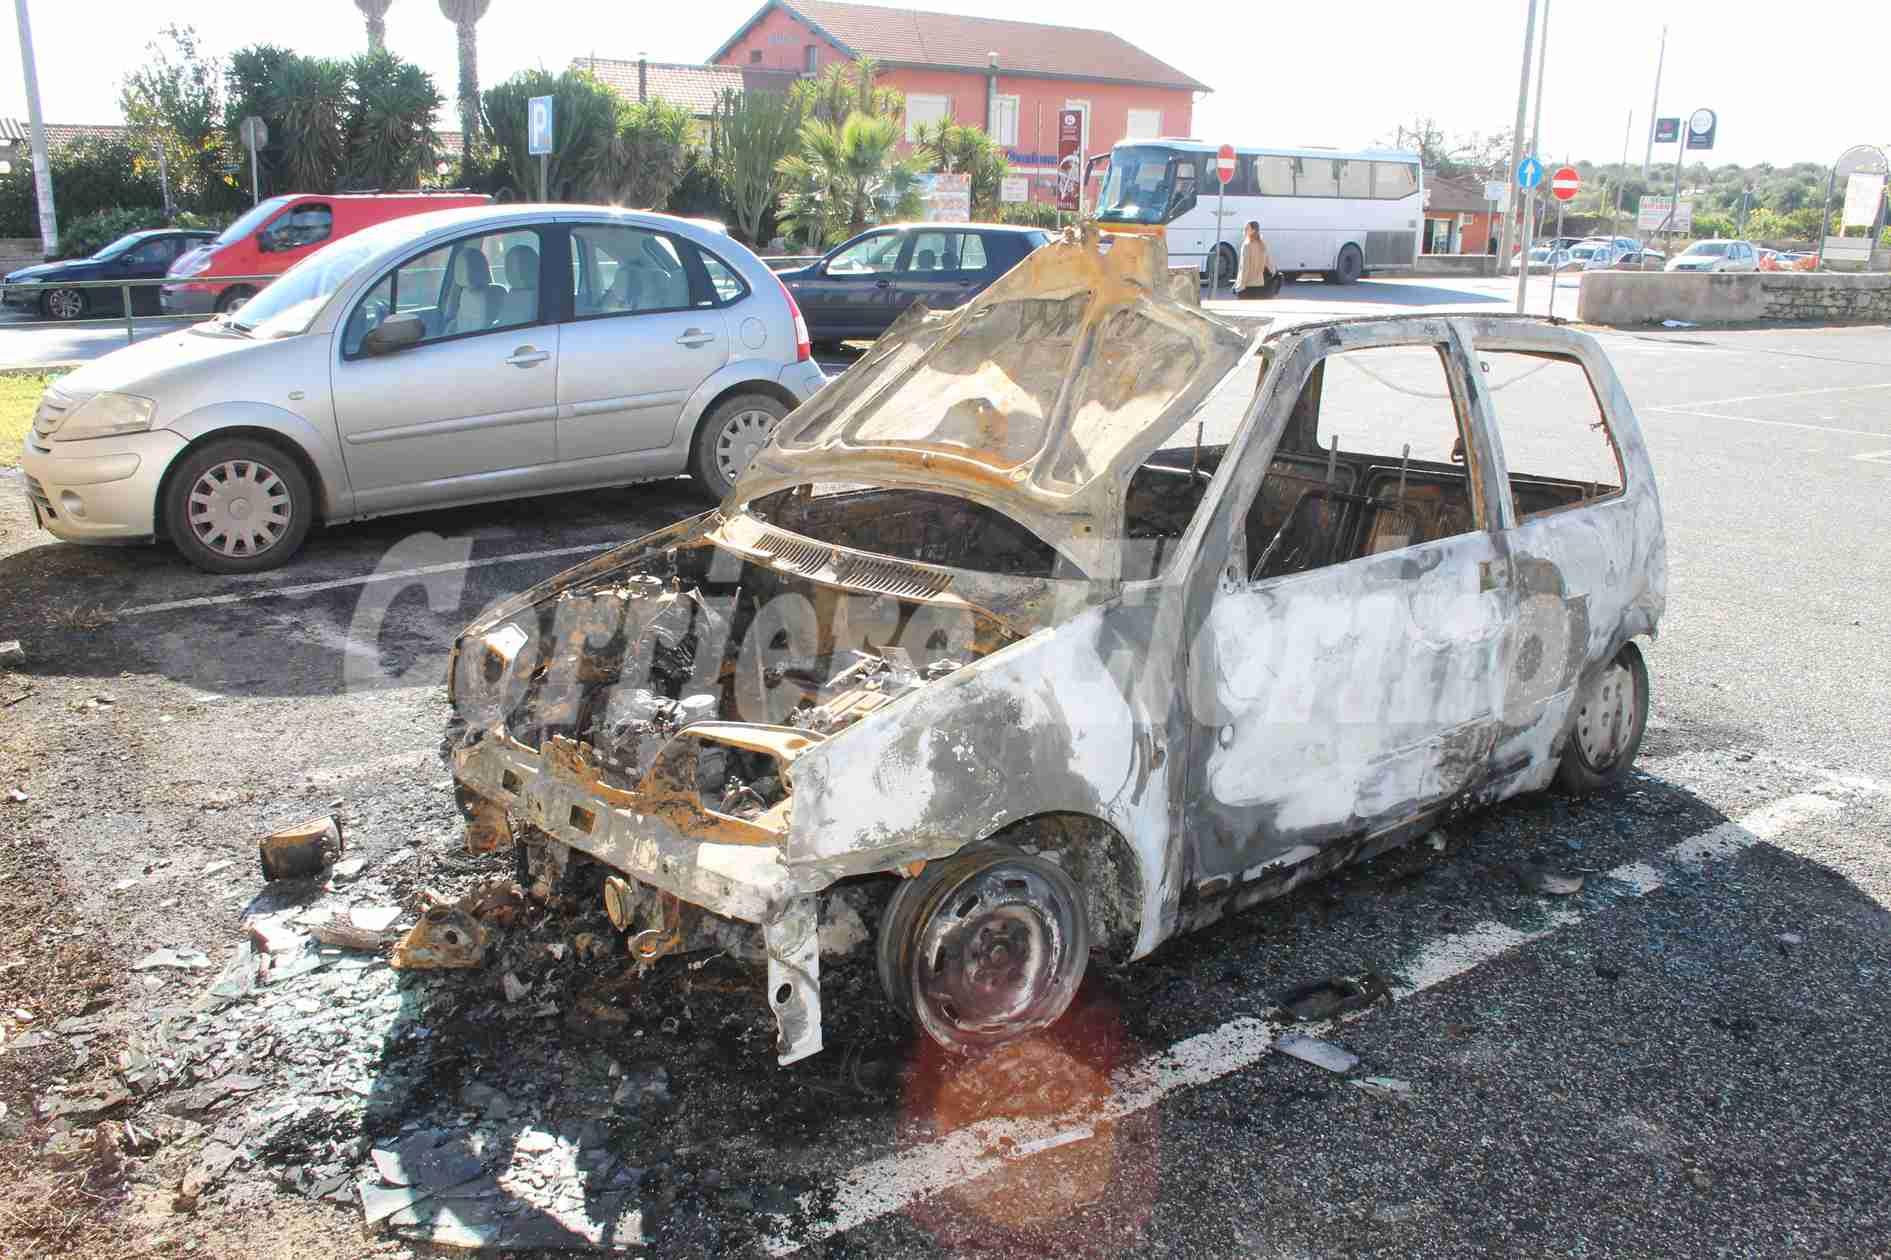 Carcassa di auto bruciata da un mese all'ingresso della città, che bigliettino da visita è per i turisti?